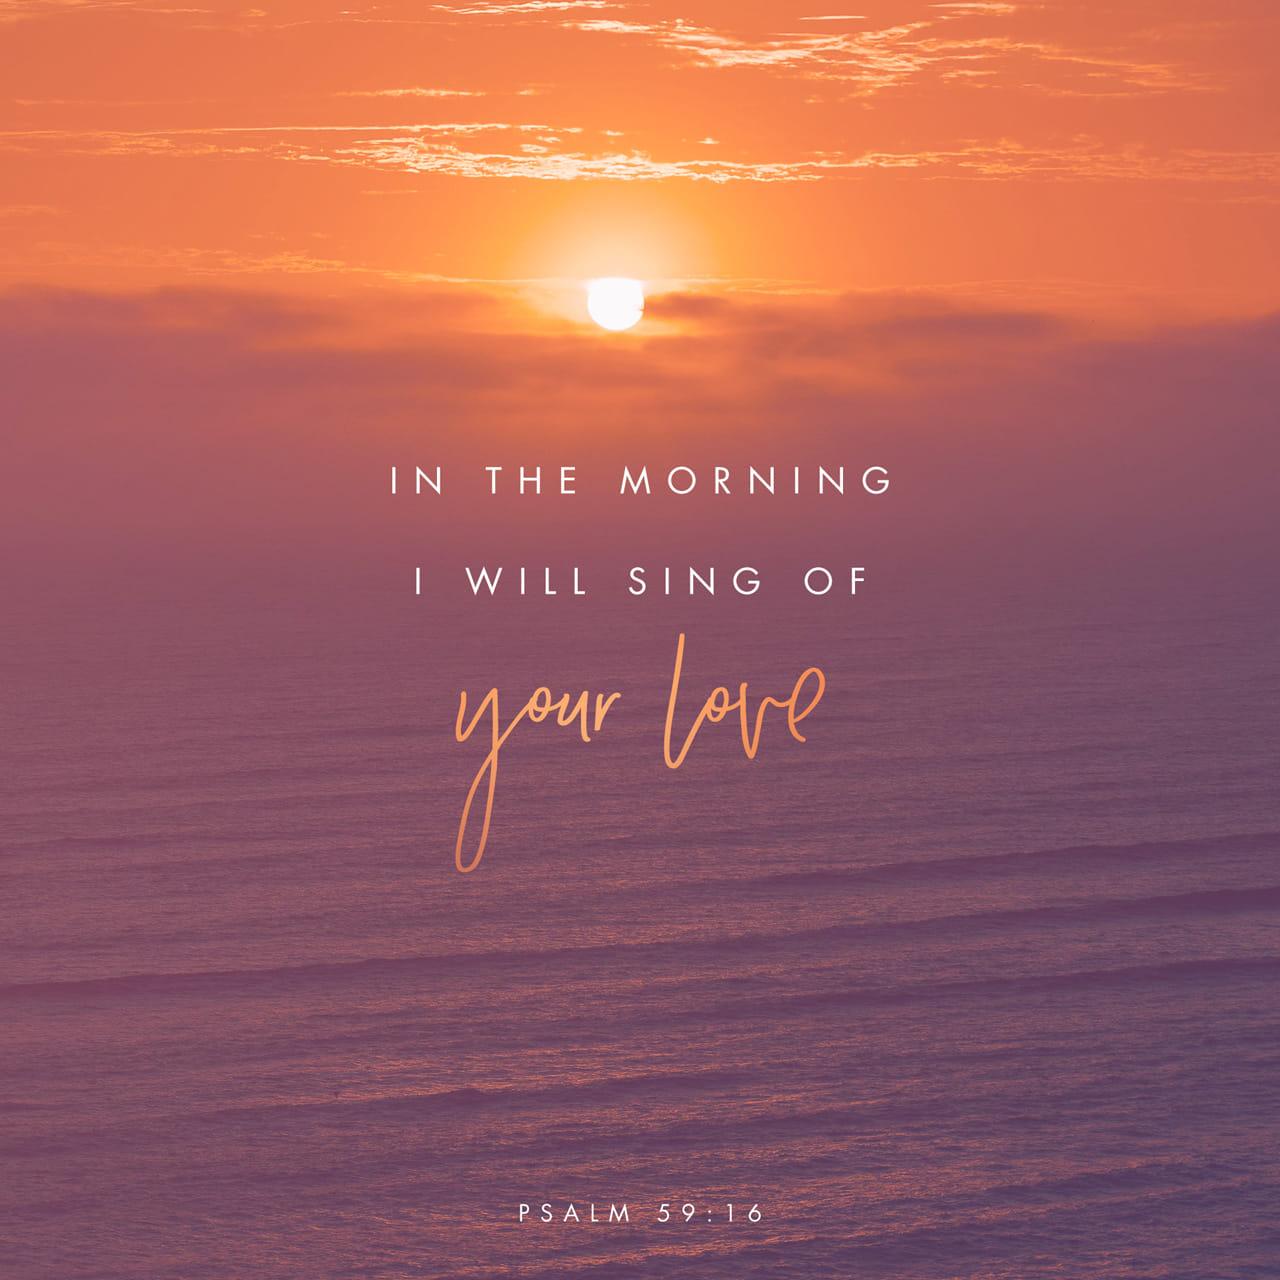 Salmos 59:16 En cuanto a mí, yo cantaré de tu poder; cada mañana cantaré con alegría acerca de tu amor inagotable. Pues tú has sido mi refugio, un lugar seguro cuando estoy angustiado. | Nueva Traducción Viviente (NTV)